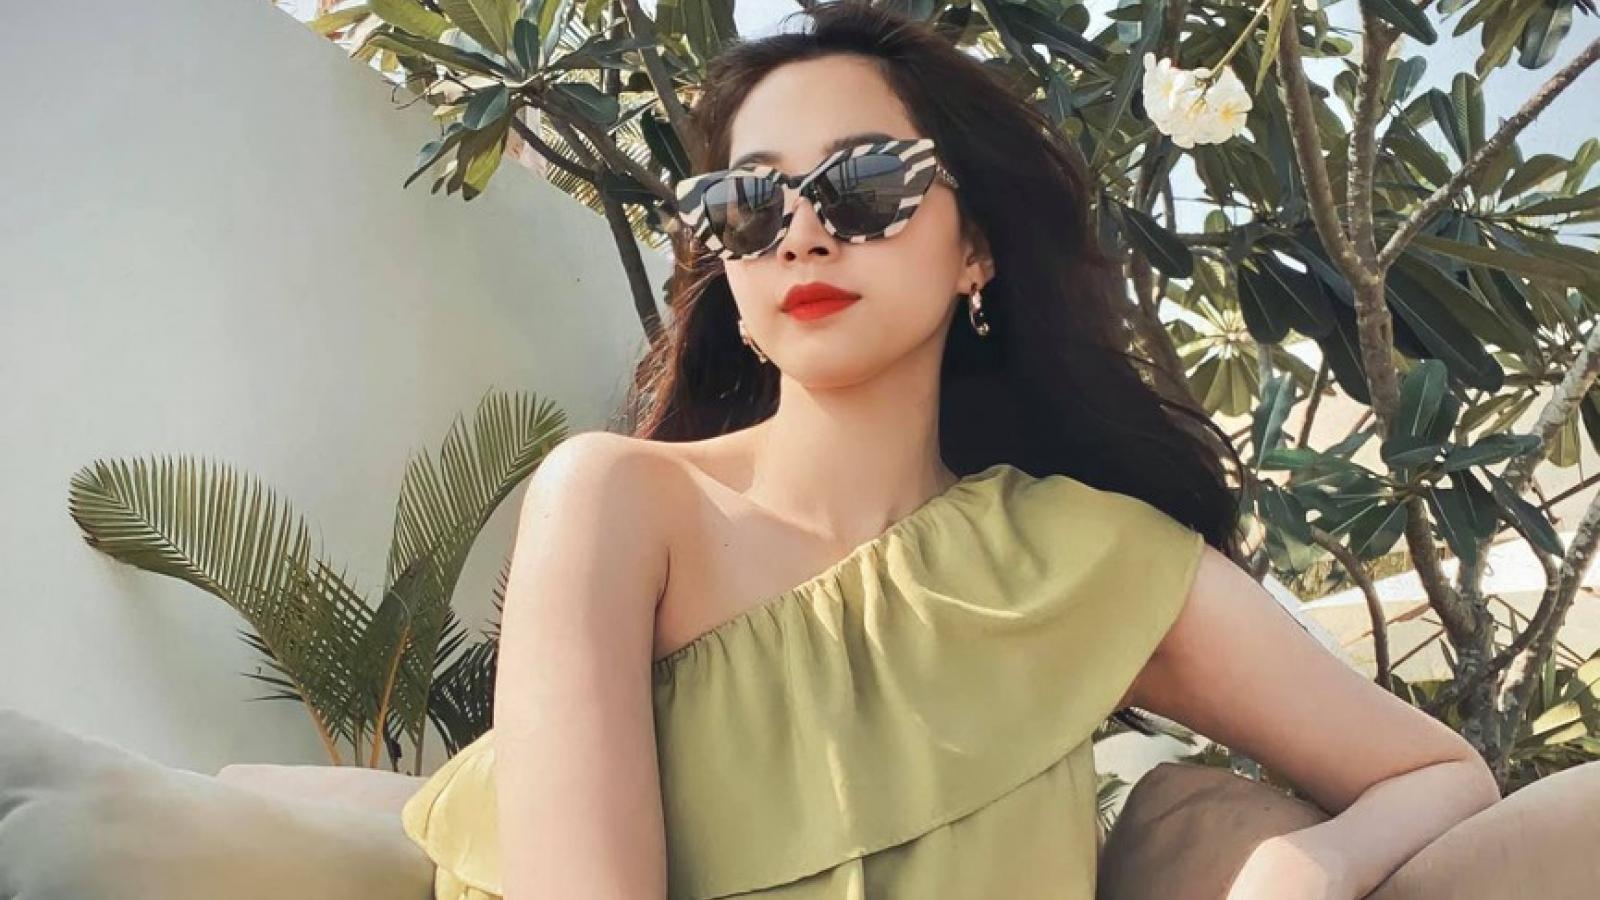 Chuyện showbiz: Hoa hậu Thu Thảo xinh đẹp khi đi biển cùng chồng con